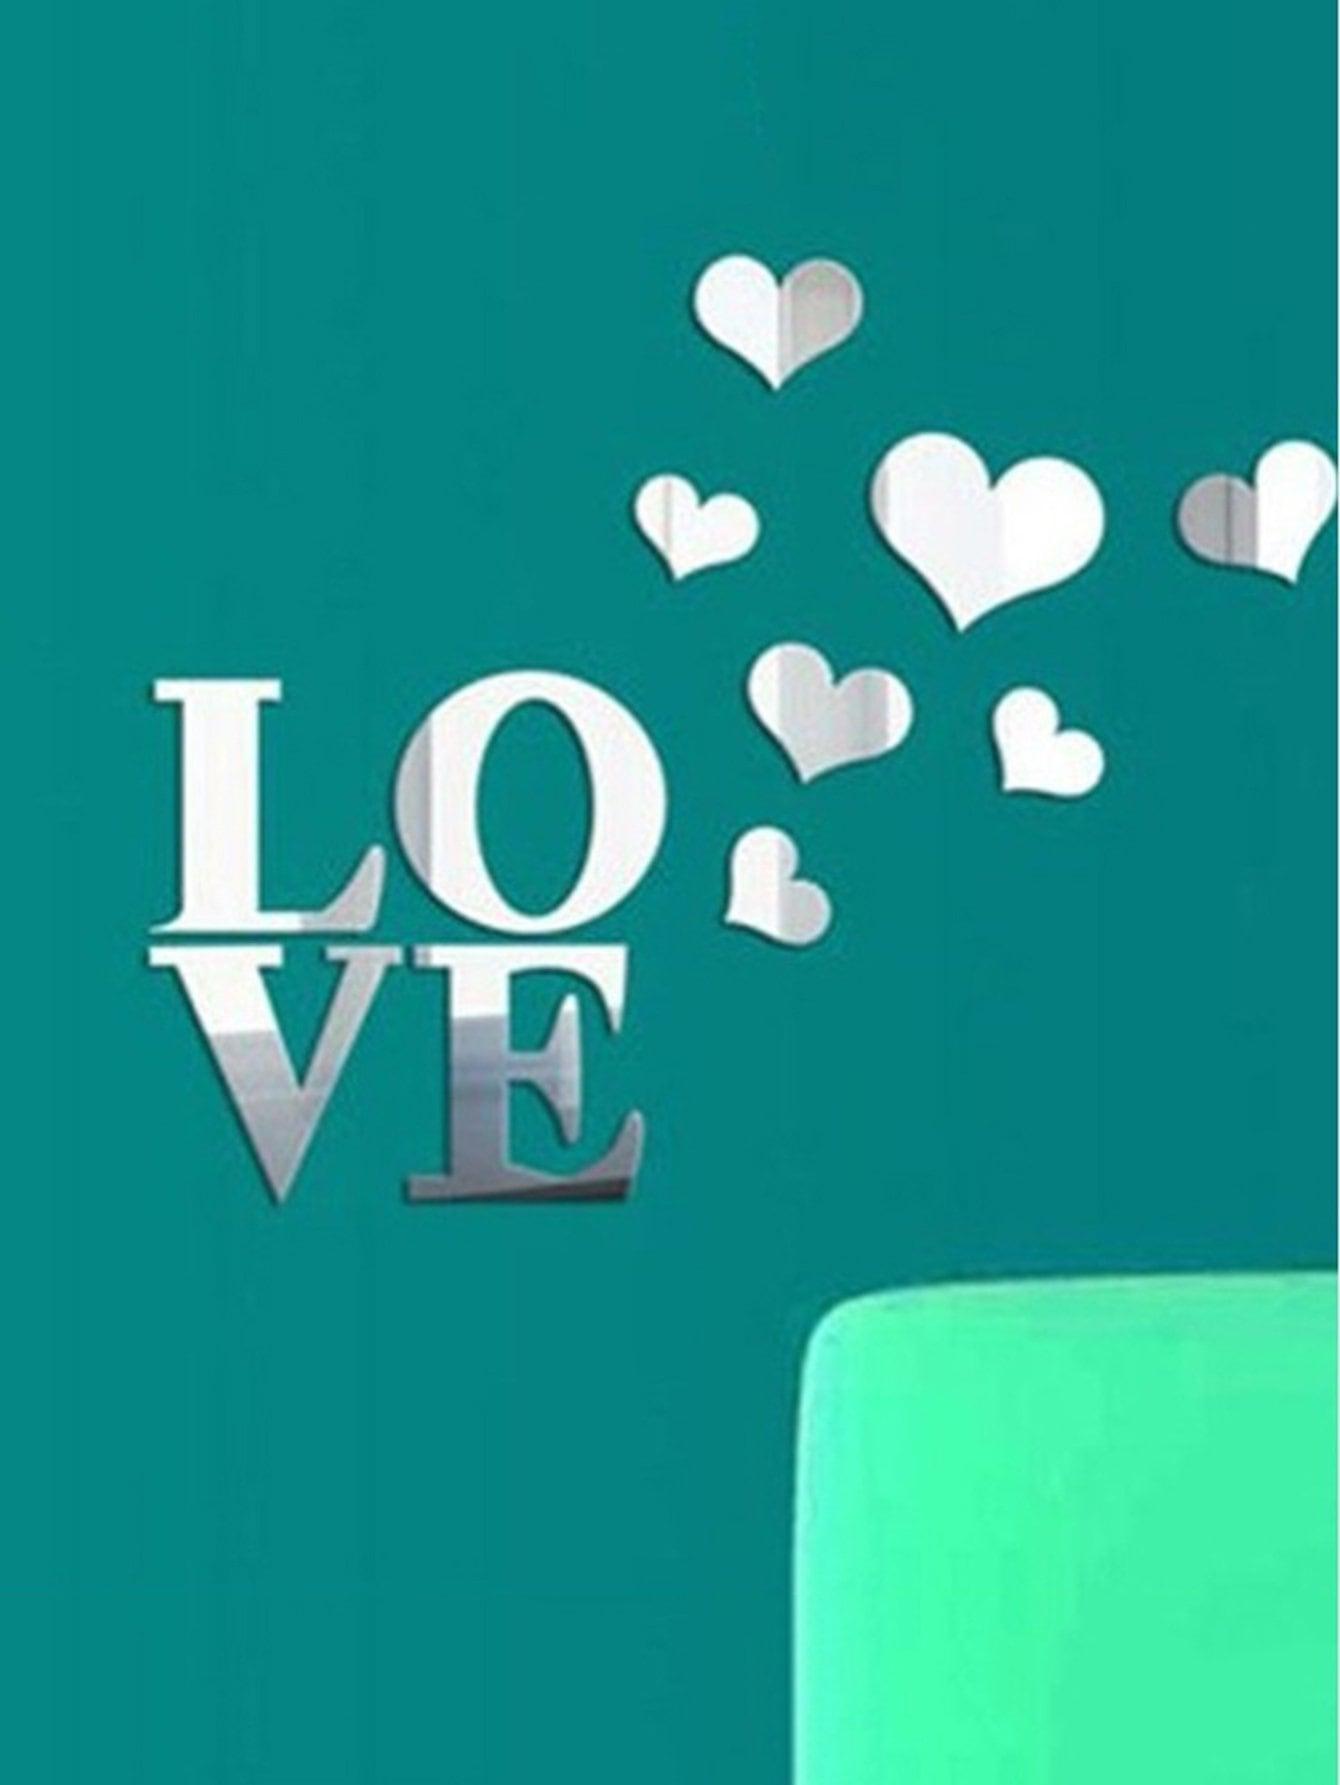 Купить Письмо и сердце зеркало стены стикер, null, SheIn